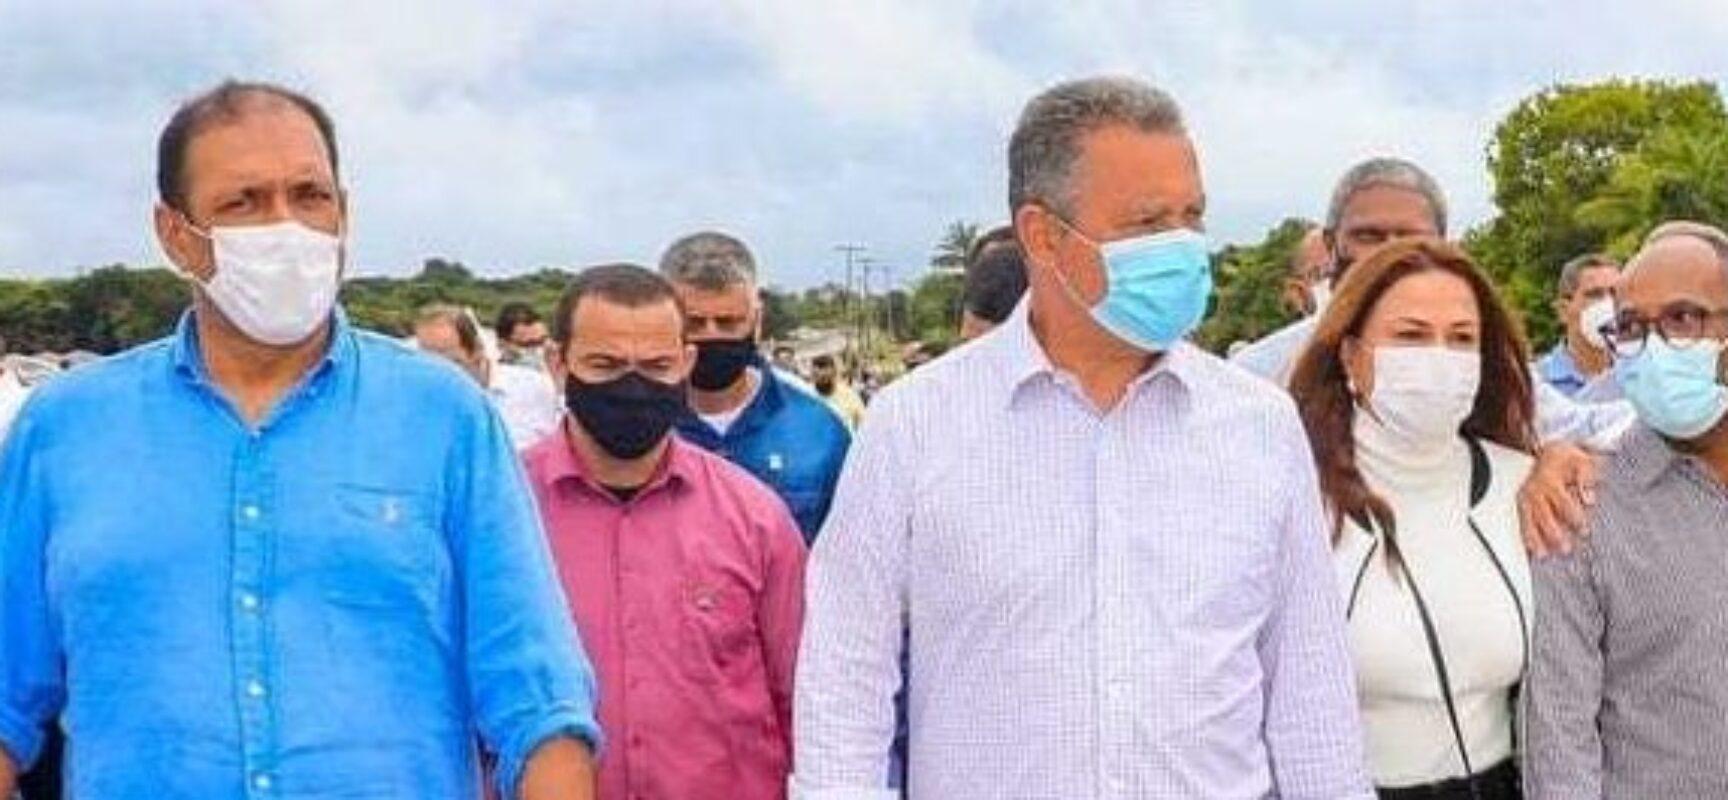 Ilhéus: Prefeito Mário Alexandre comemora novos investimentos na área da Saúde